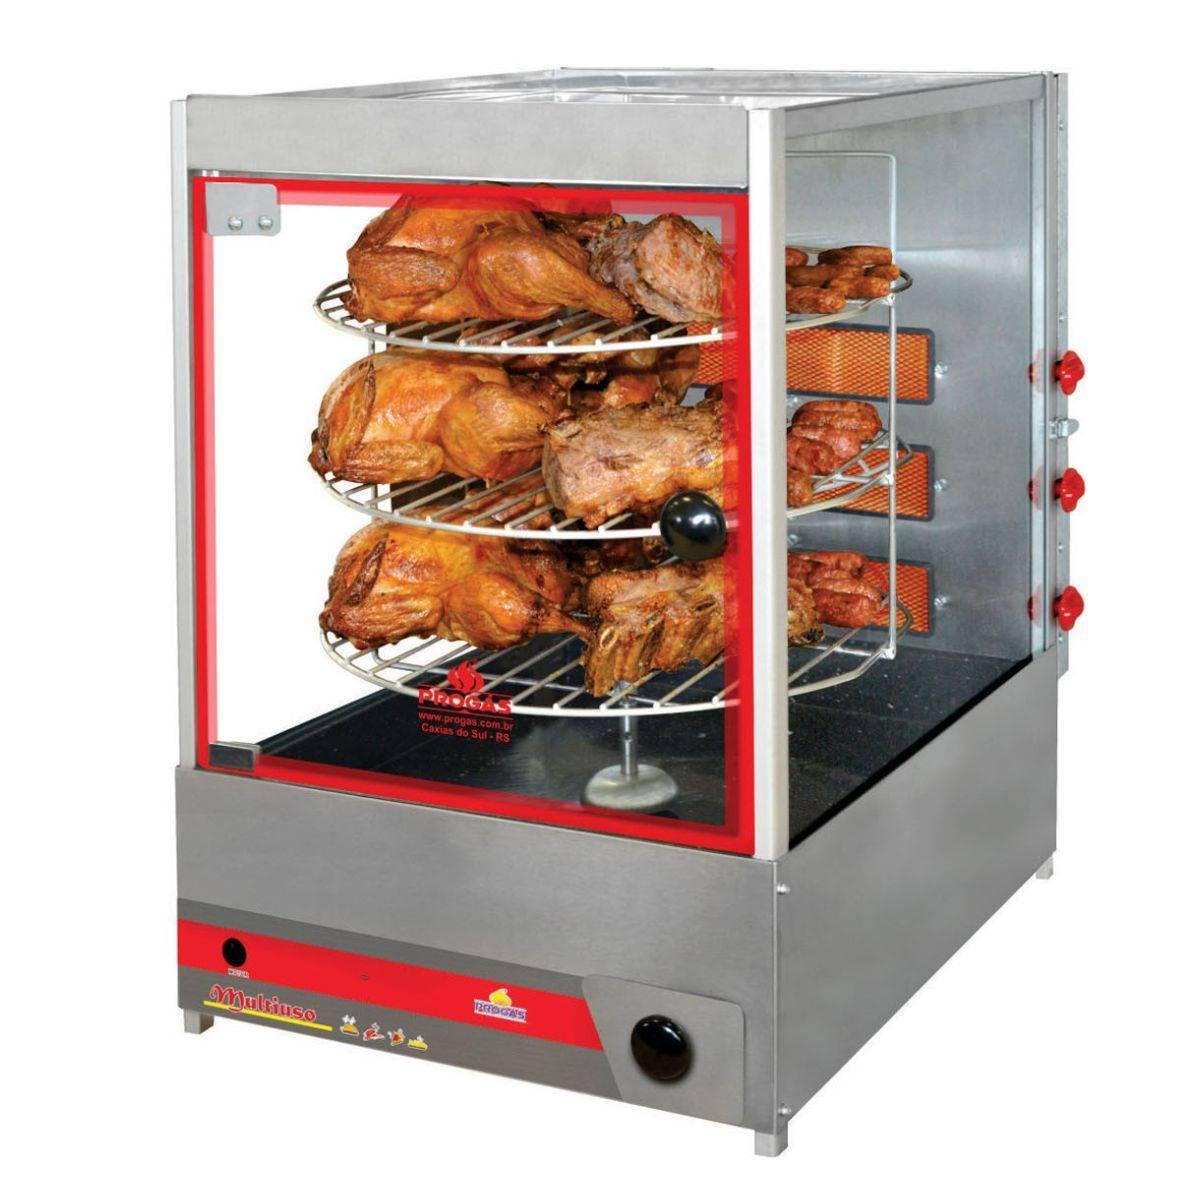 Forno Multiuso Giratório Compacto à Gás 30 Kg PRP124G Progás - Magazine do Chef